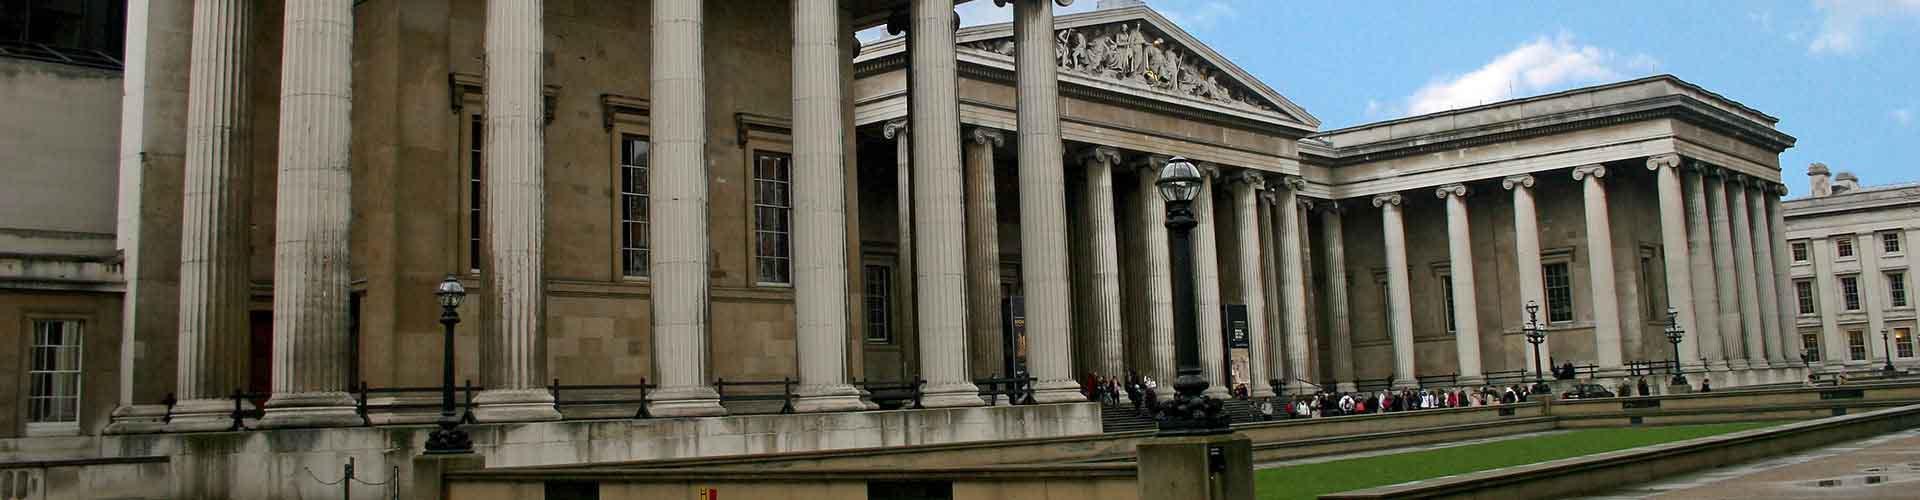 伦敦 – 大英博物馆 附近的青年旅舍。伦敦地图,伦敦 所有青年旅馆的照片和评分。